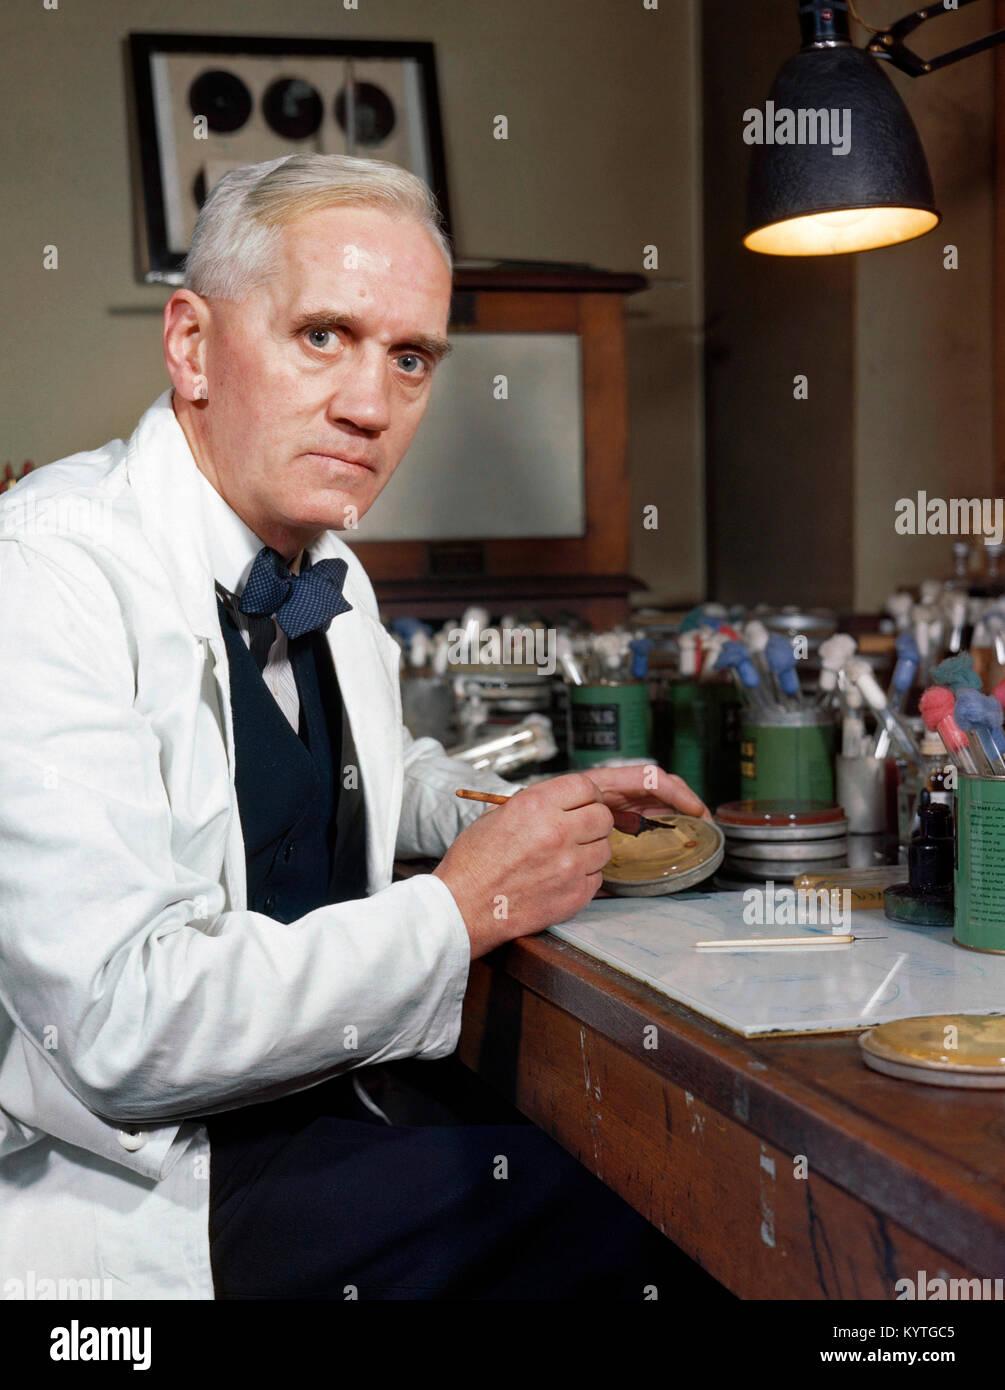 Sir Alexander Fleming (1881-1955), le savant écossais célèbre pour la découverte de la pénicilline. Photo Stock